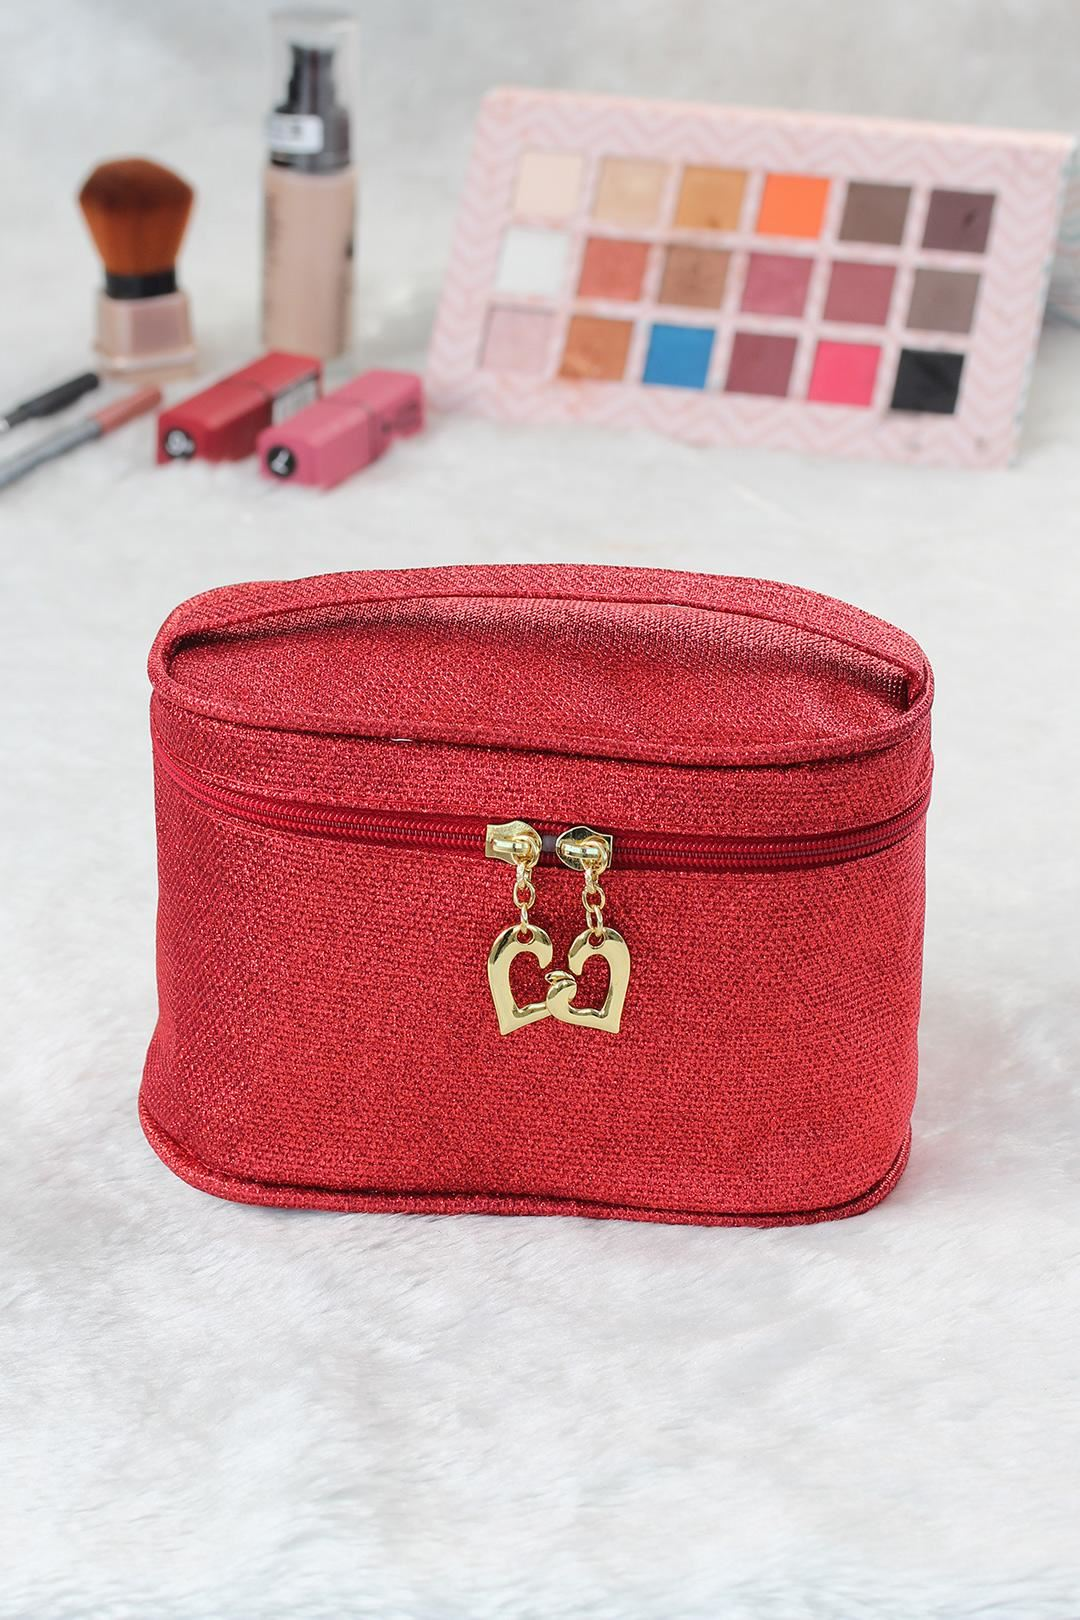 Kırmızı Renk Simli Makyaj Çantası